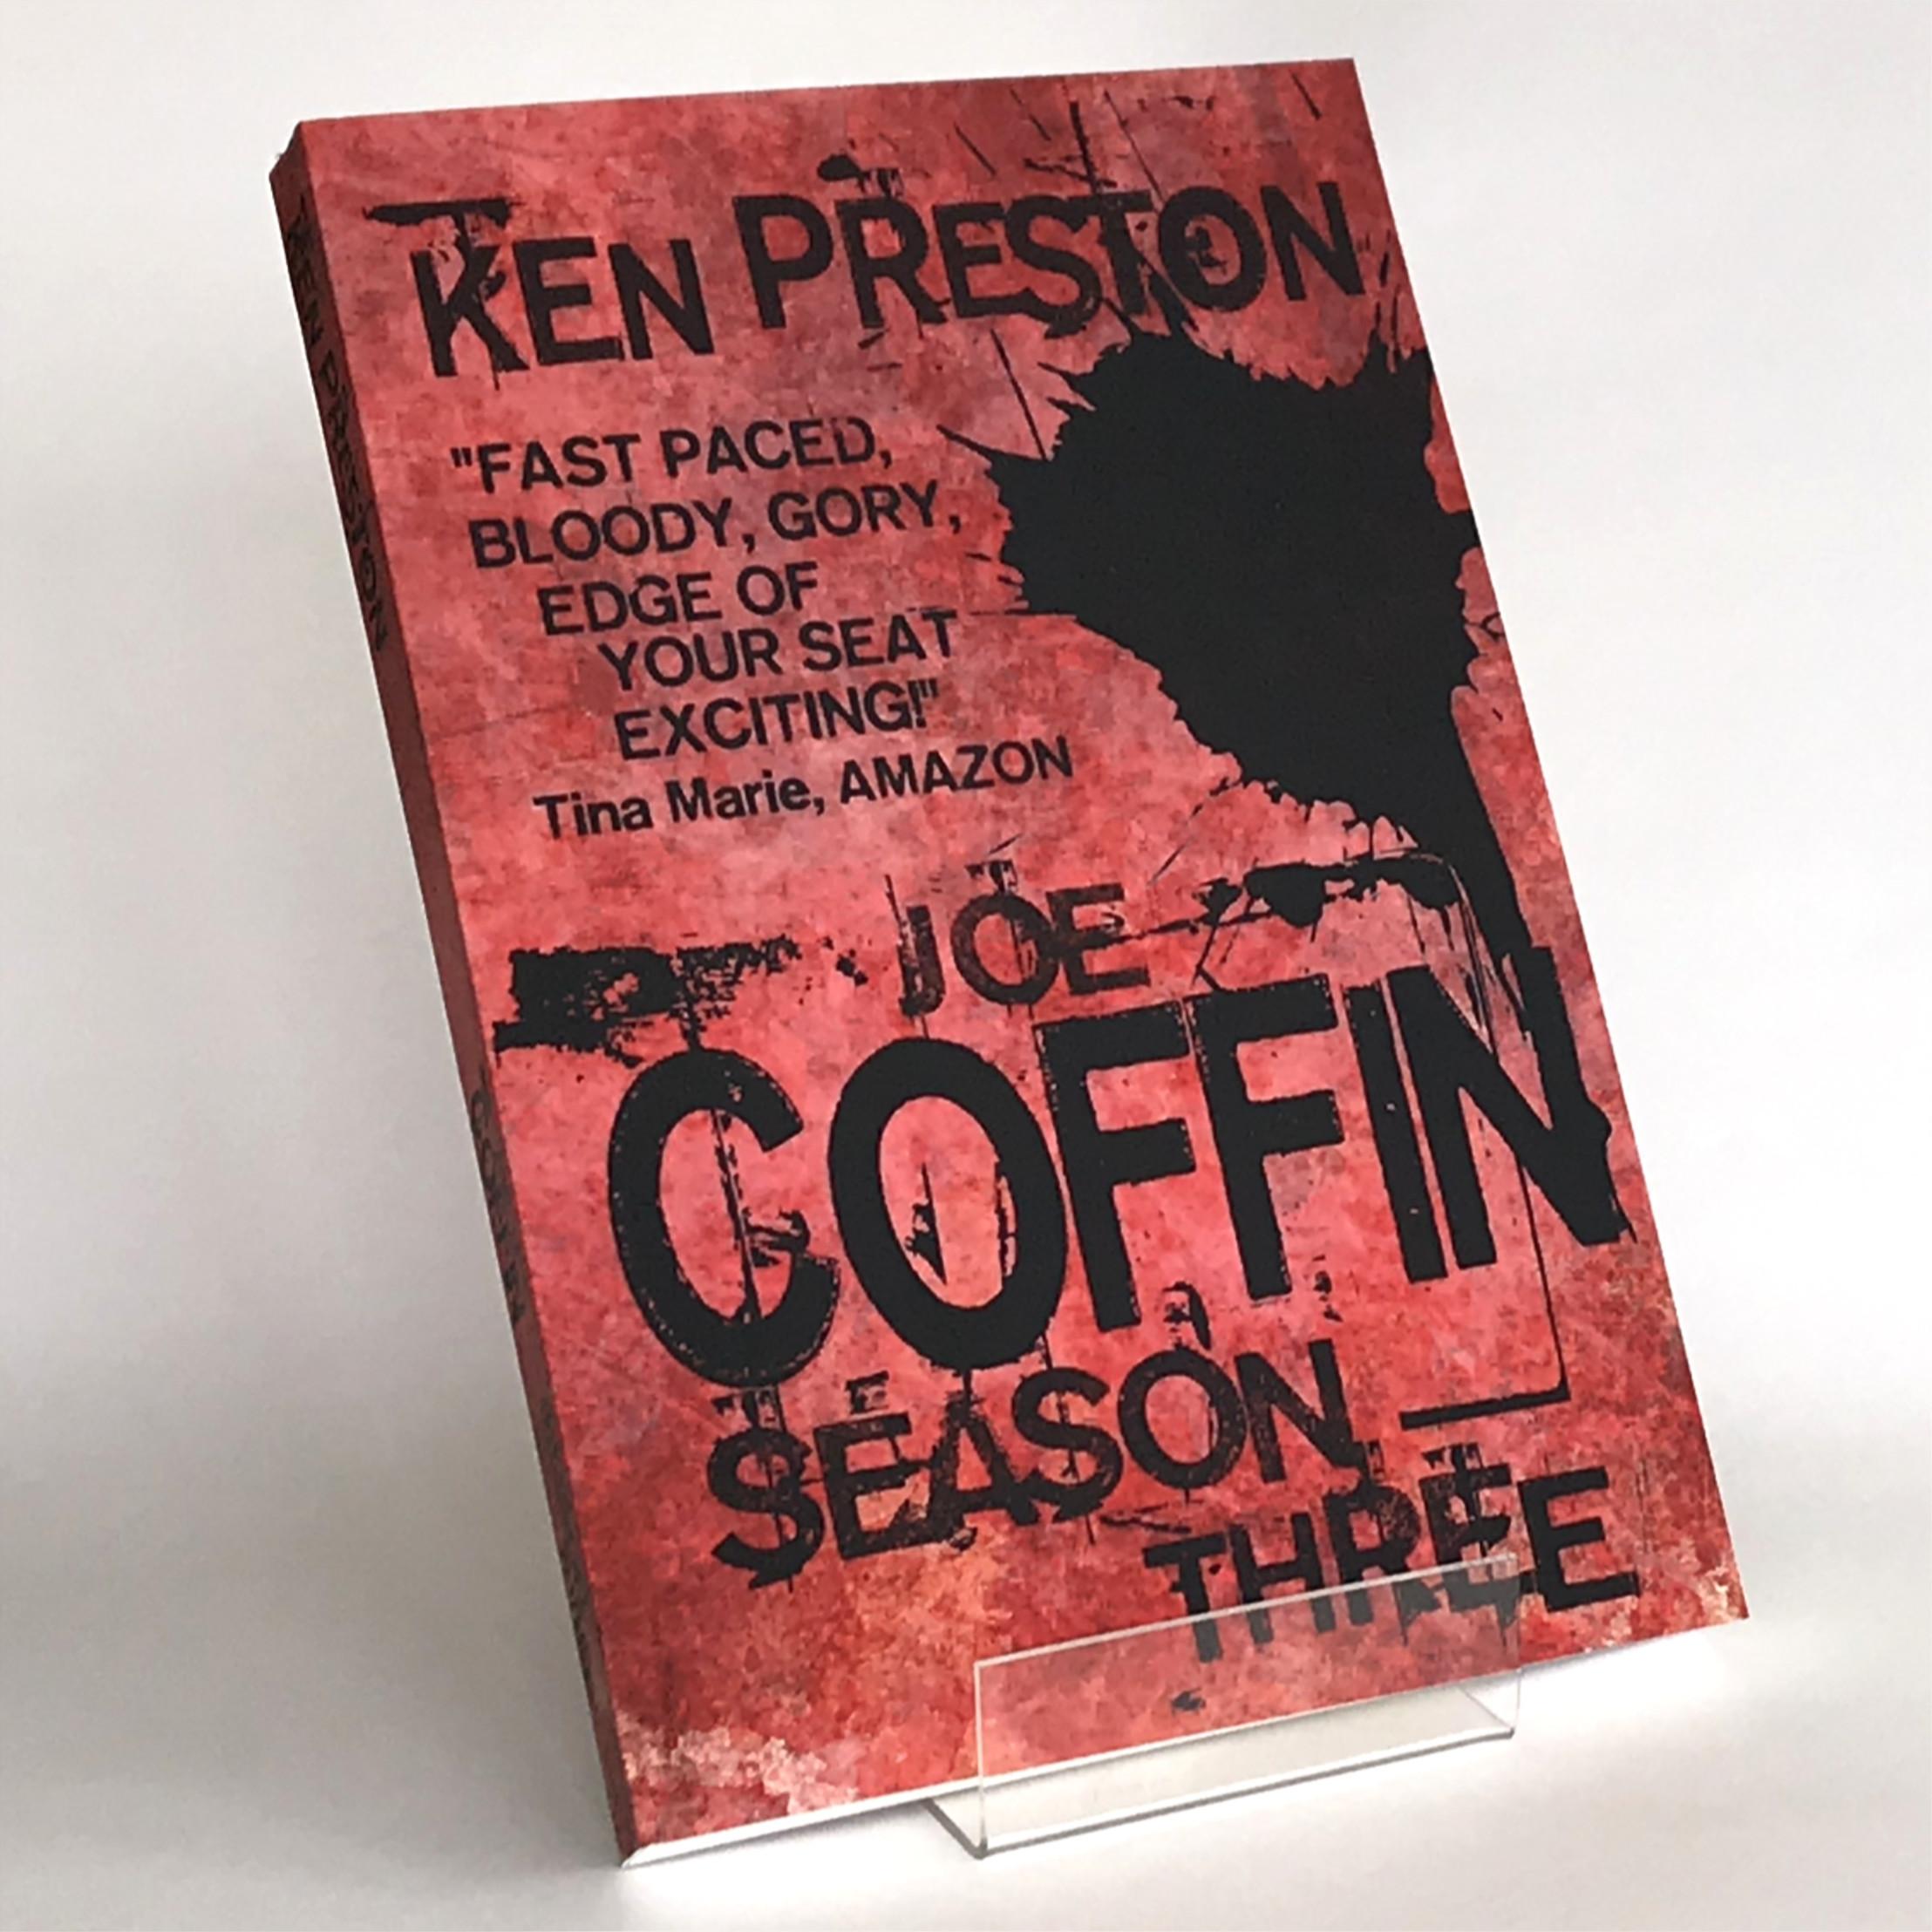 Joe Coffin Season Three Paperback